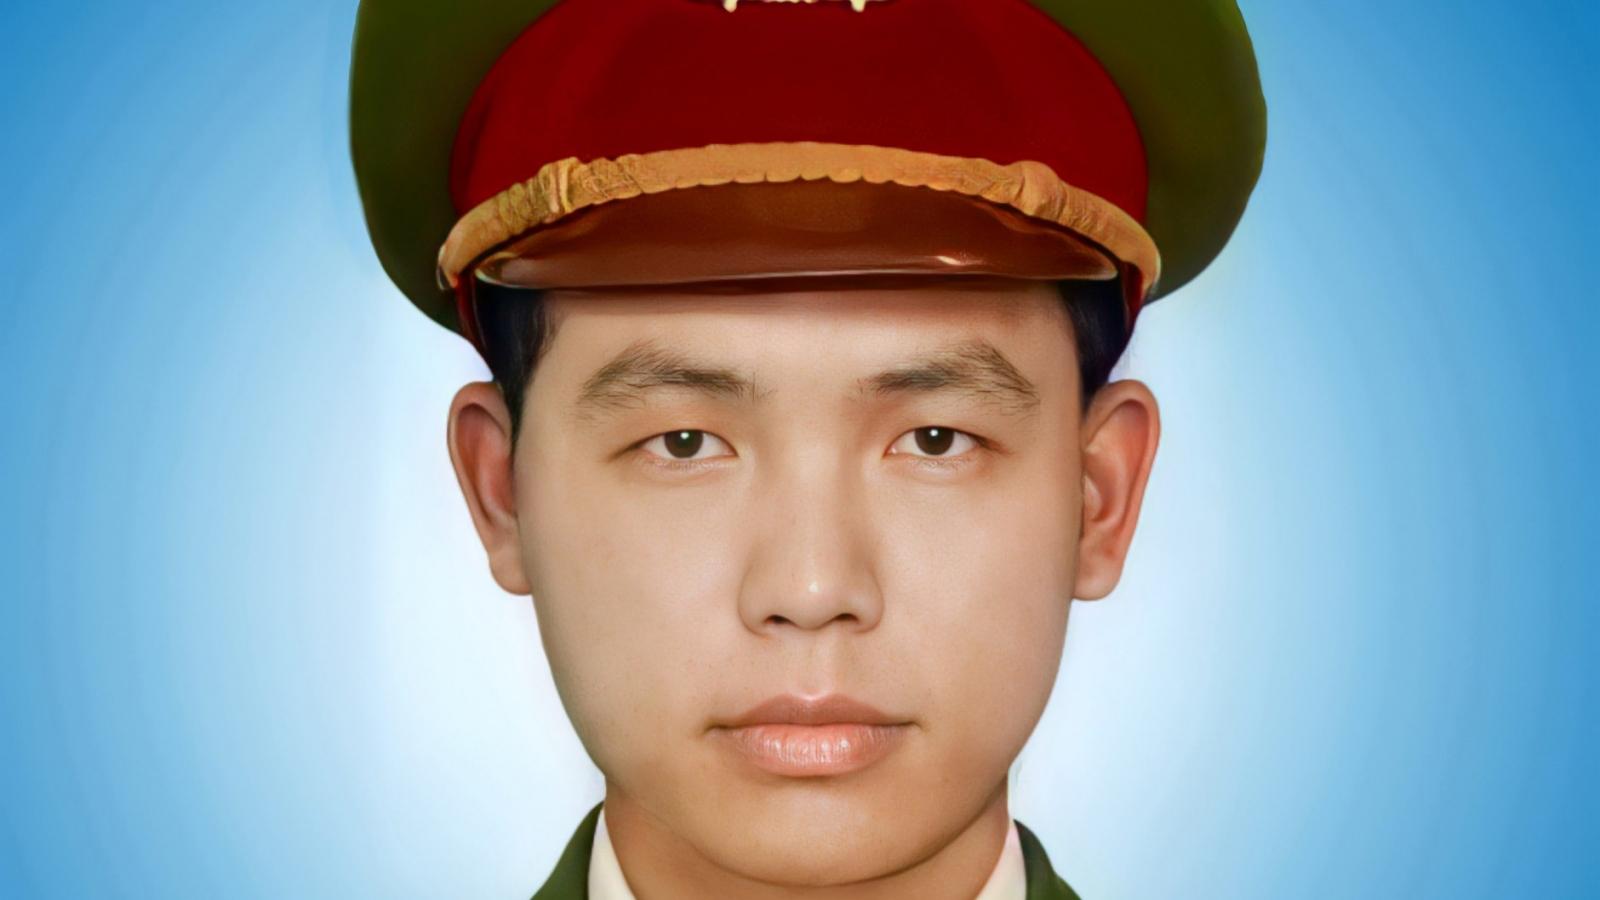 Thông tin chính thức vụ Thượng úy công an hy sinh khi truy đuổi người vi phạm Chỉ thị 16